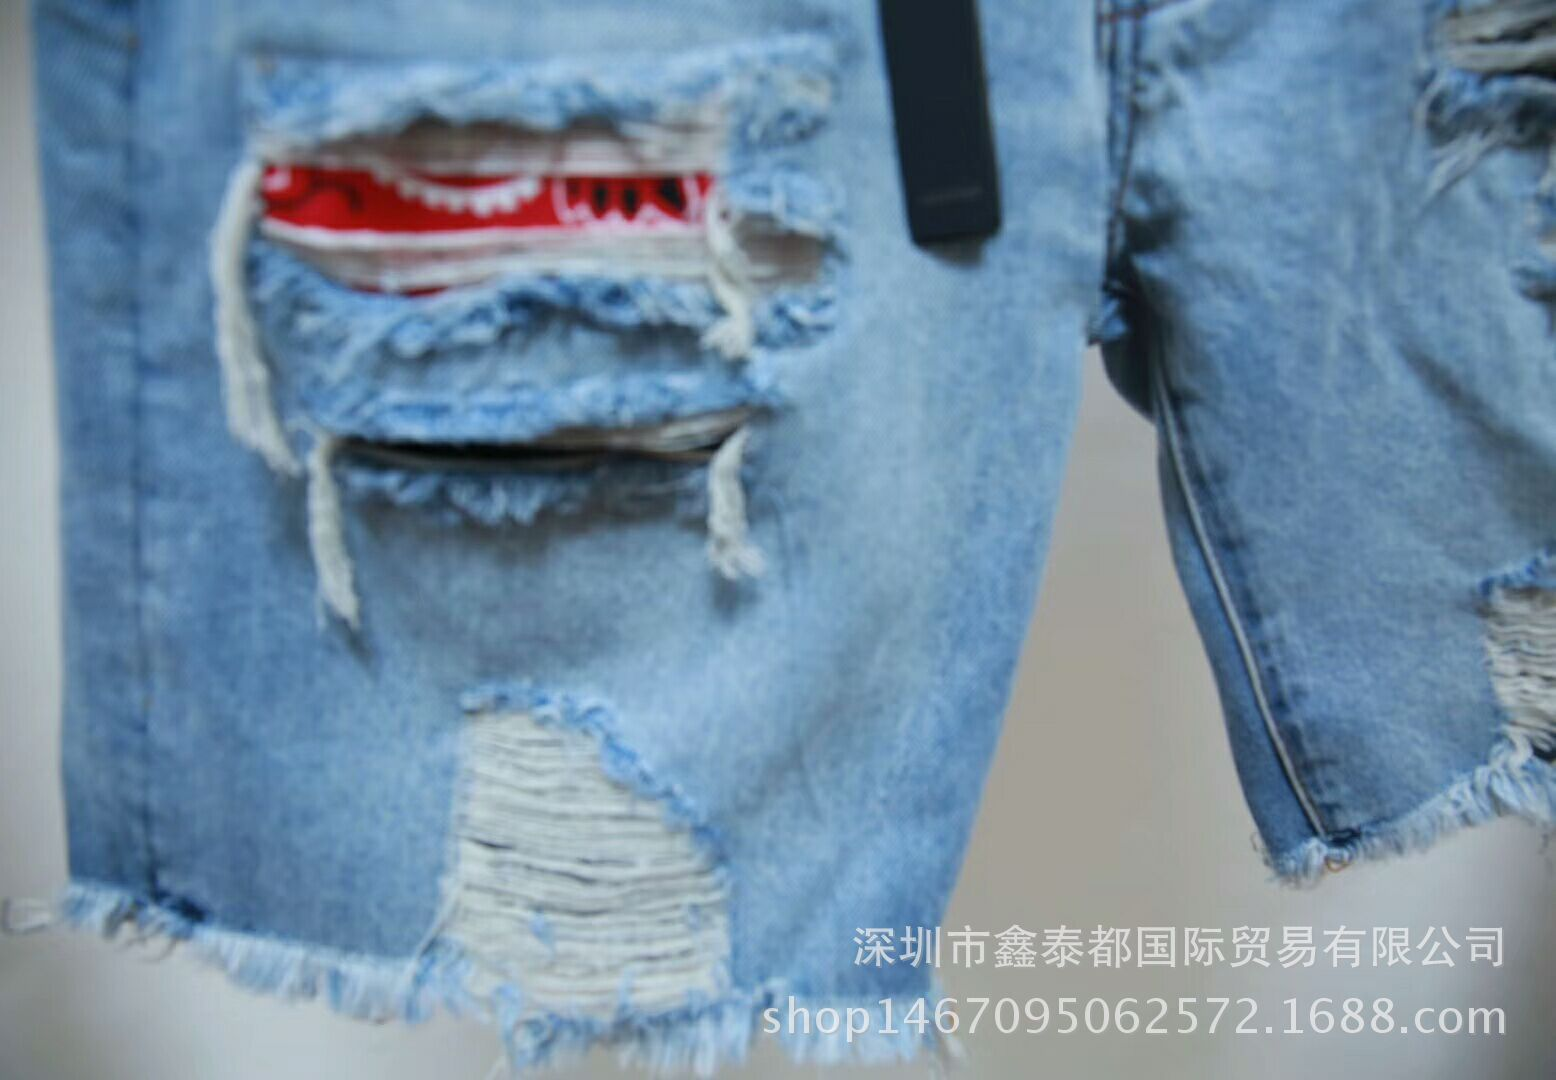 Dear2019 Мужской Хип-хоп Качественный Фонд Отверстия Патч Ковбойские Шорты Kanye Свободное время Все изношенные нищие брюки